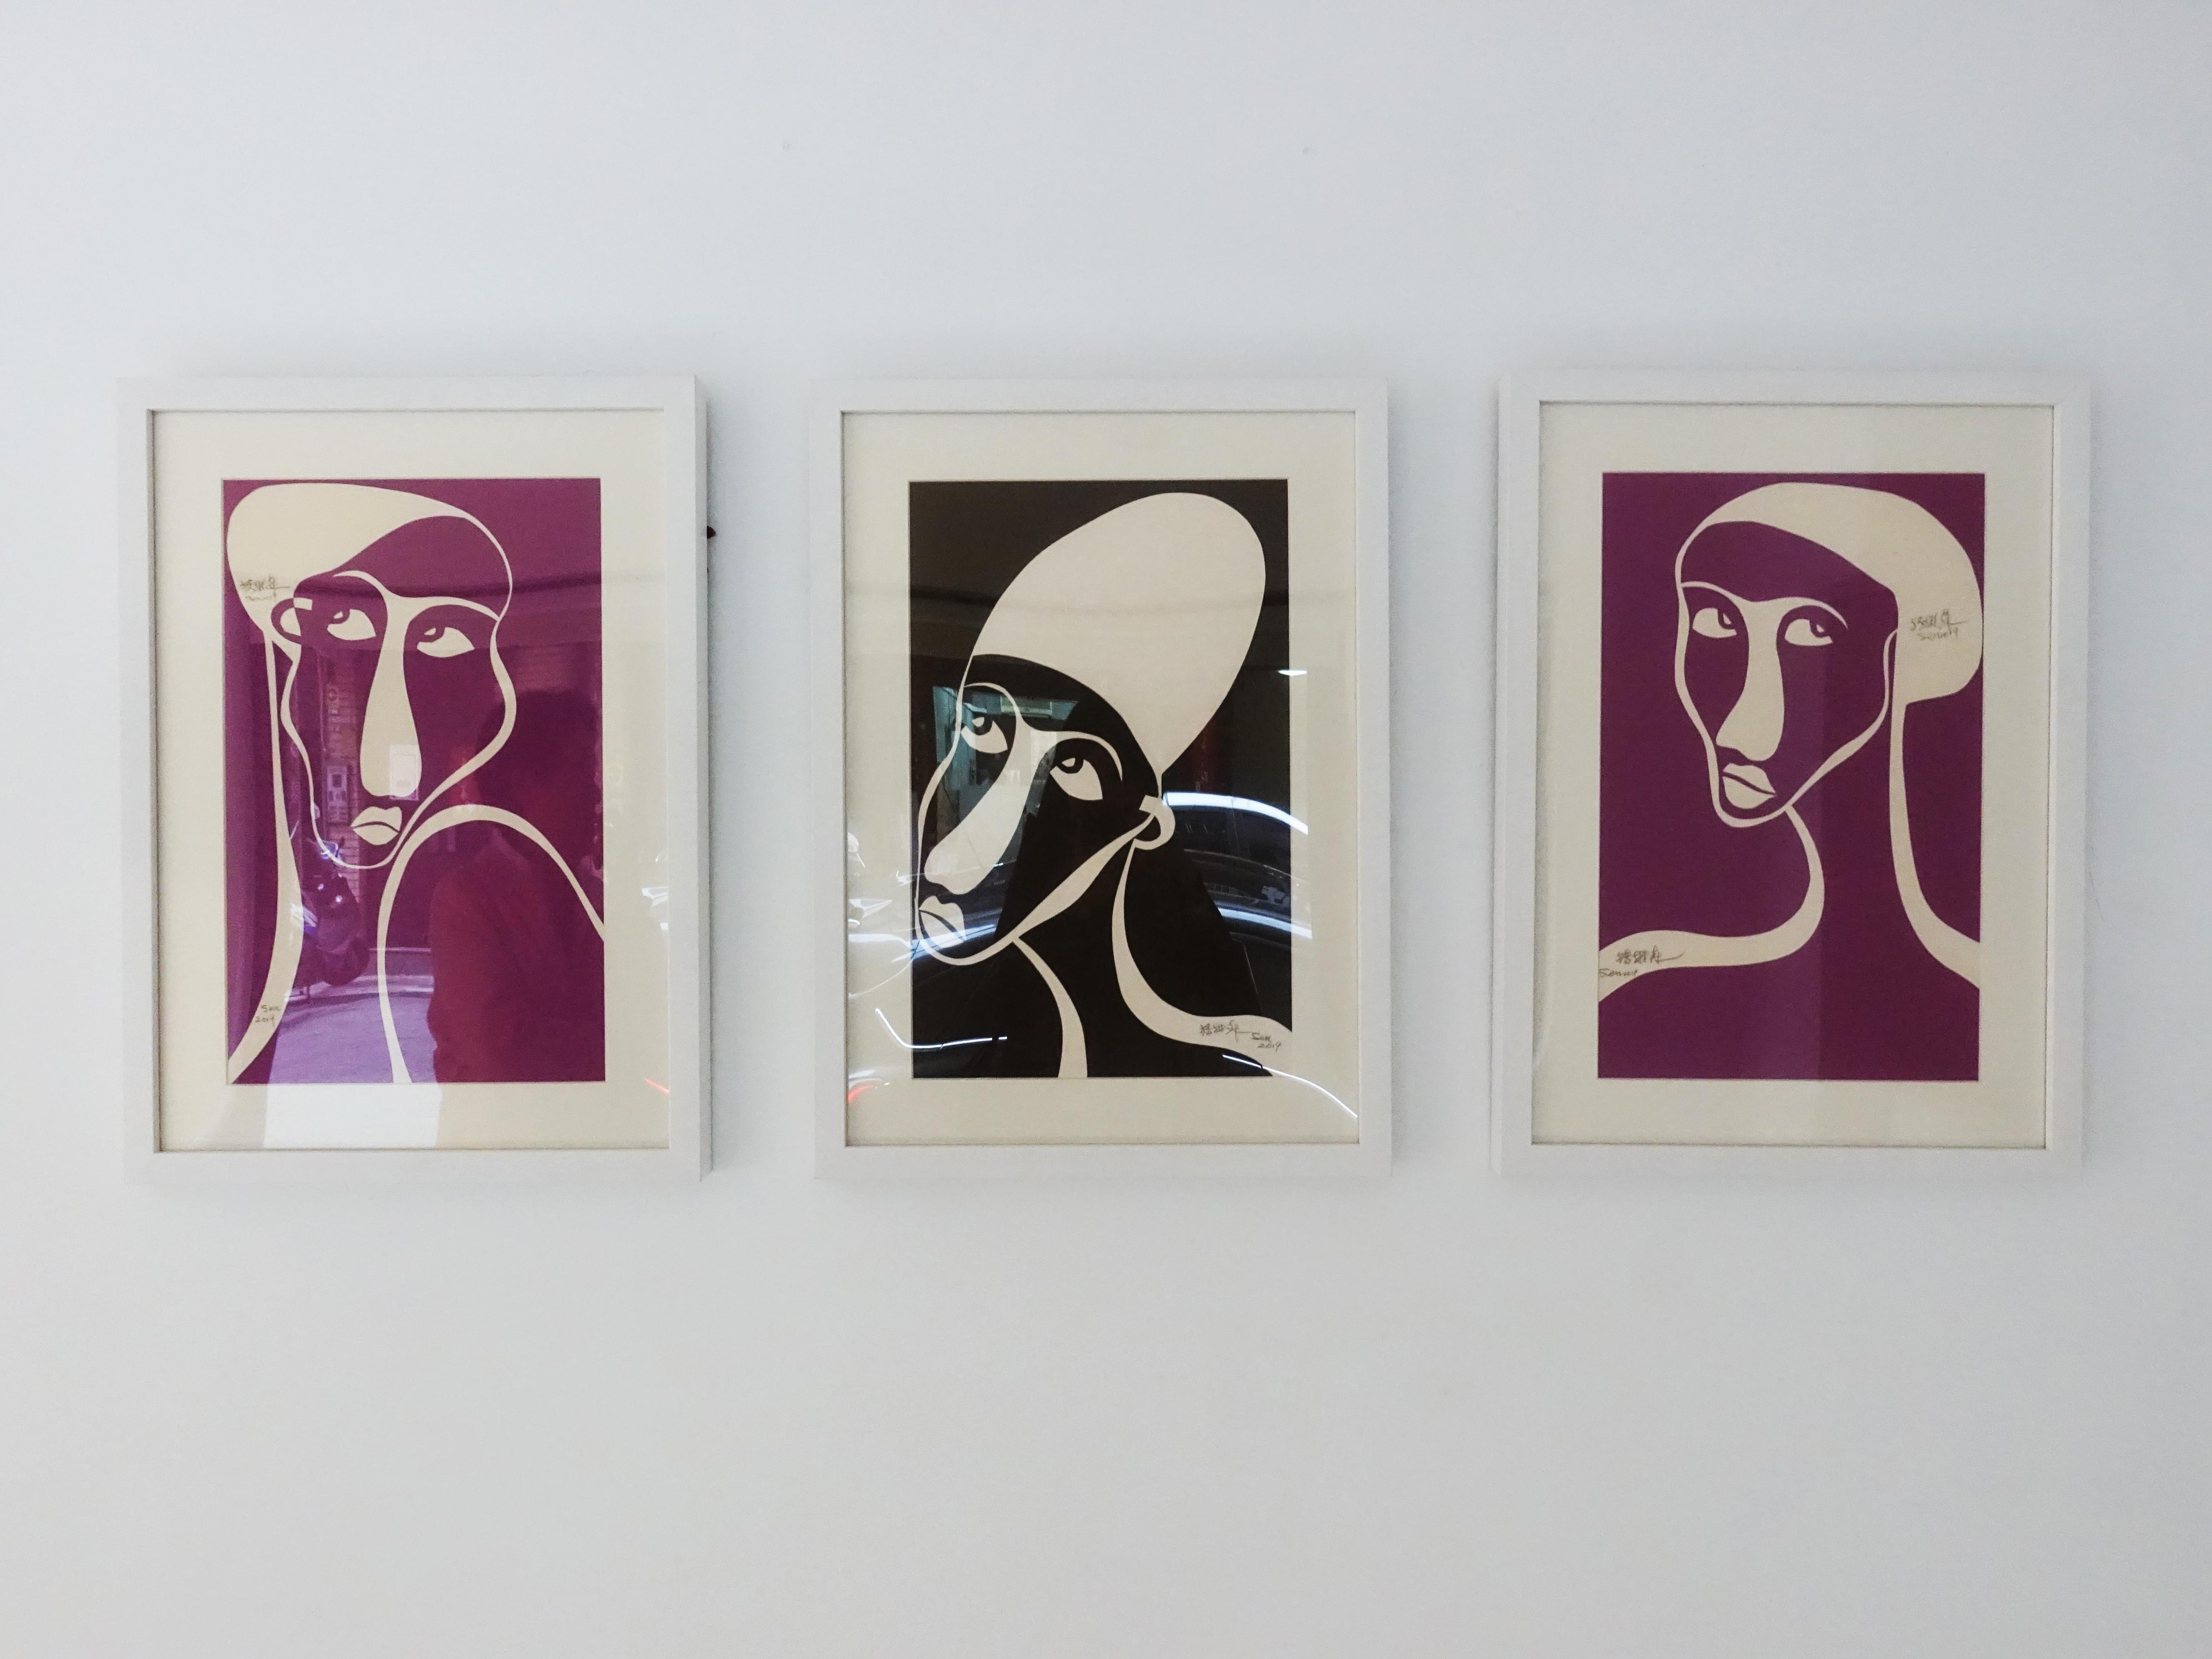 藝術家楊樹森紙板刻畫系列作品。